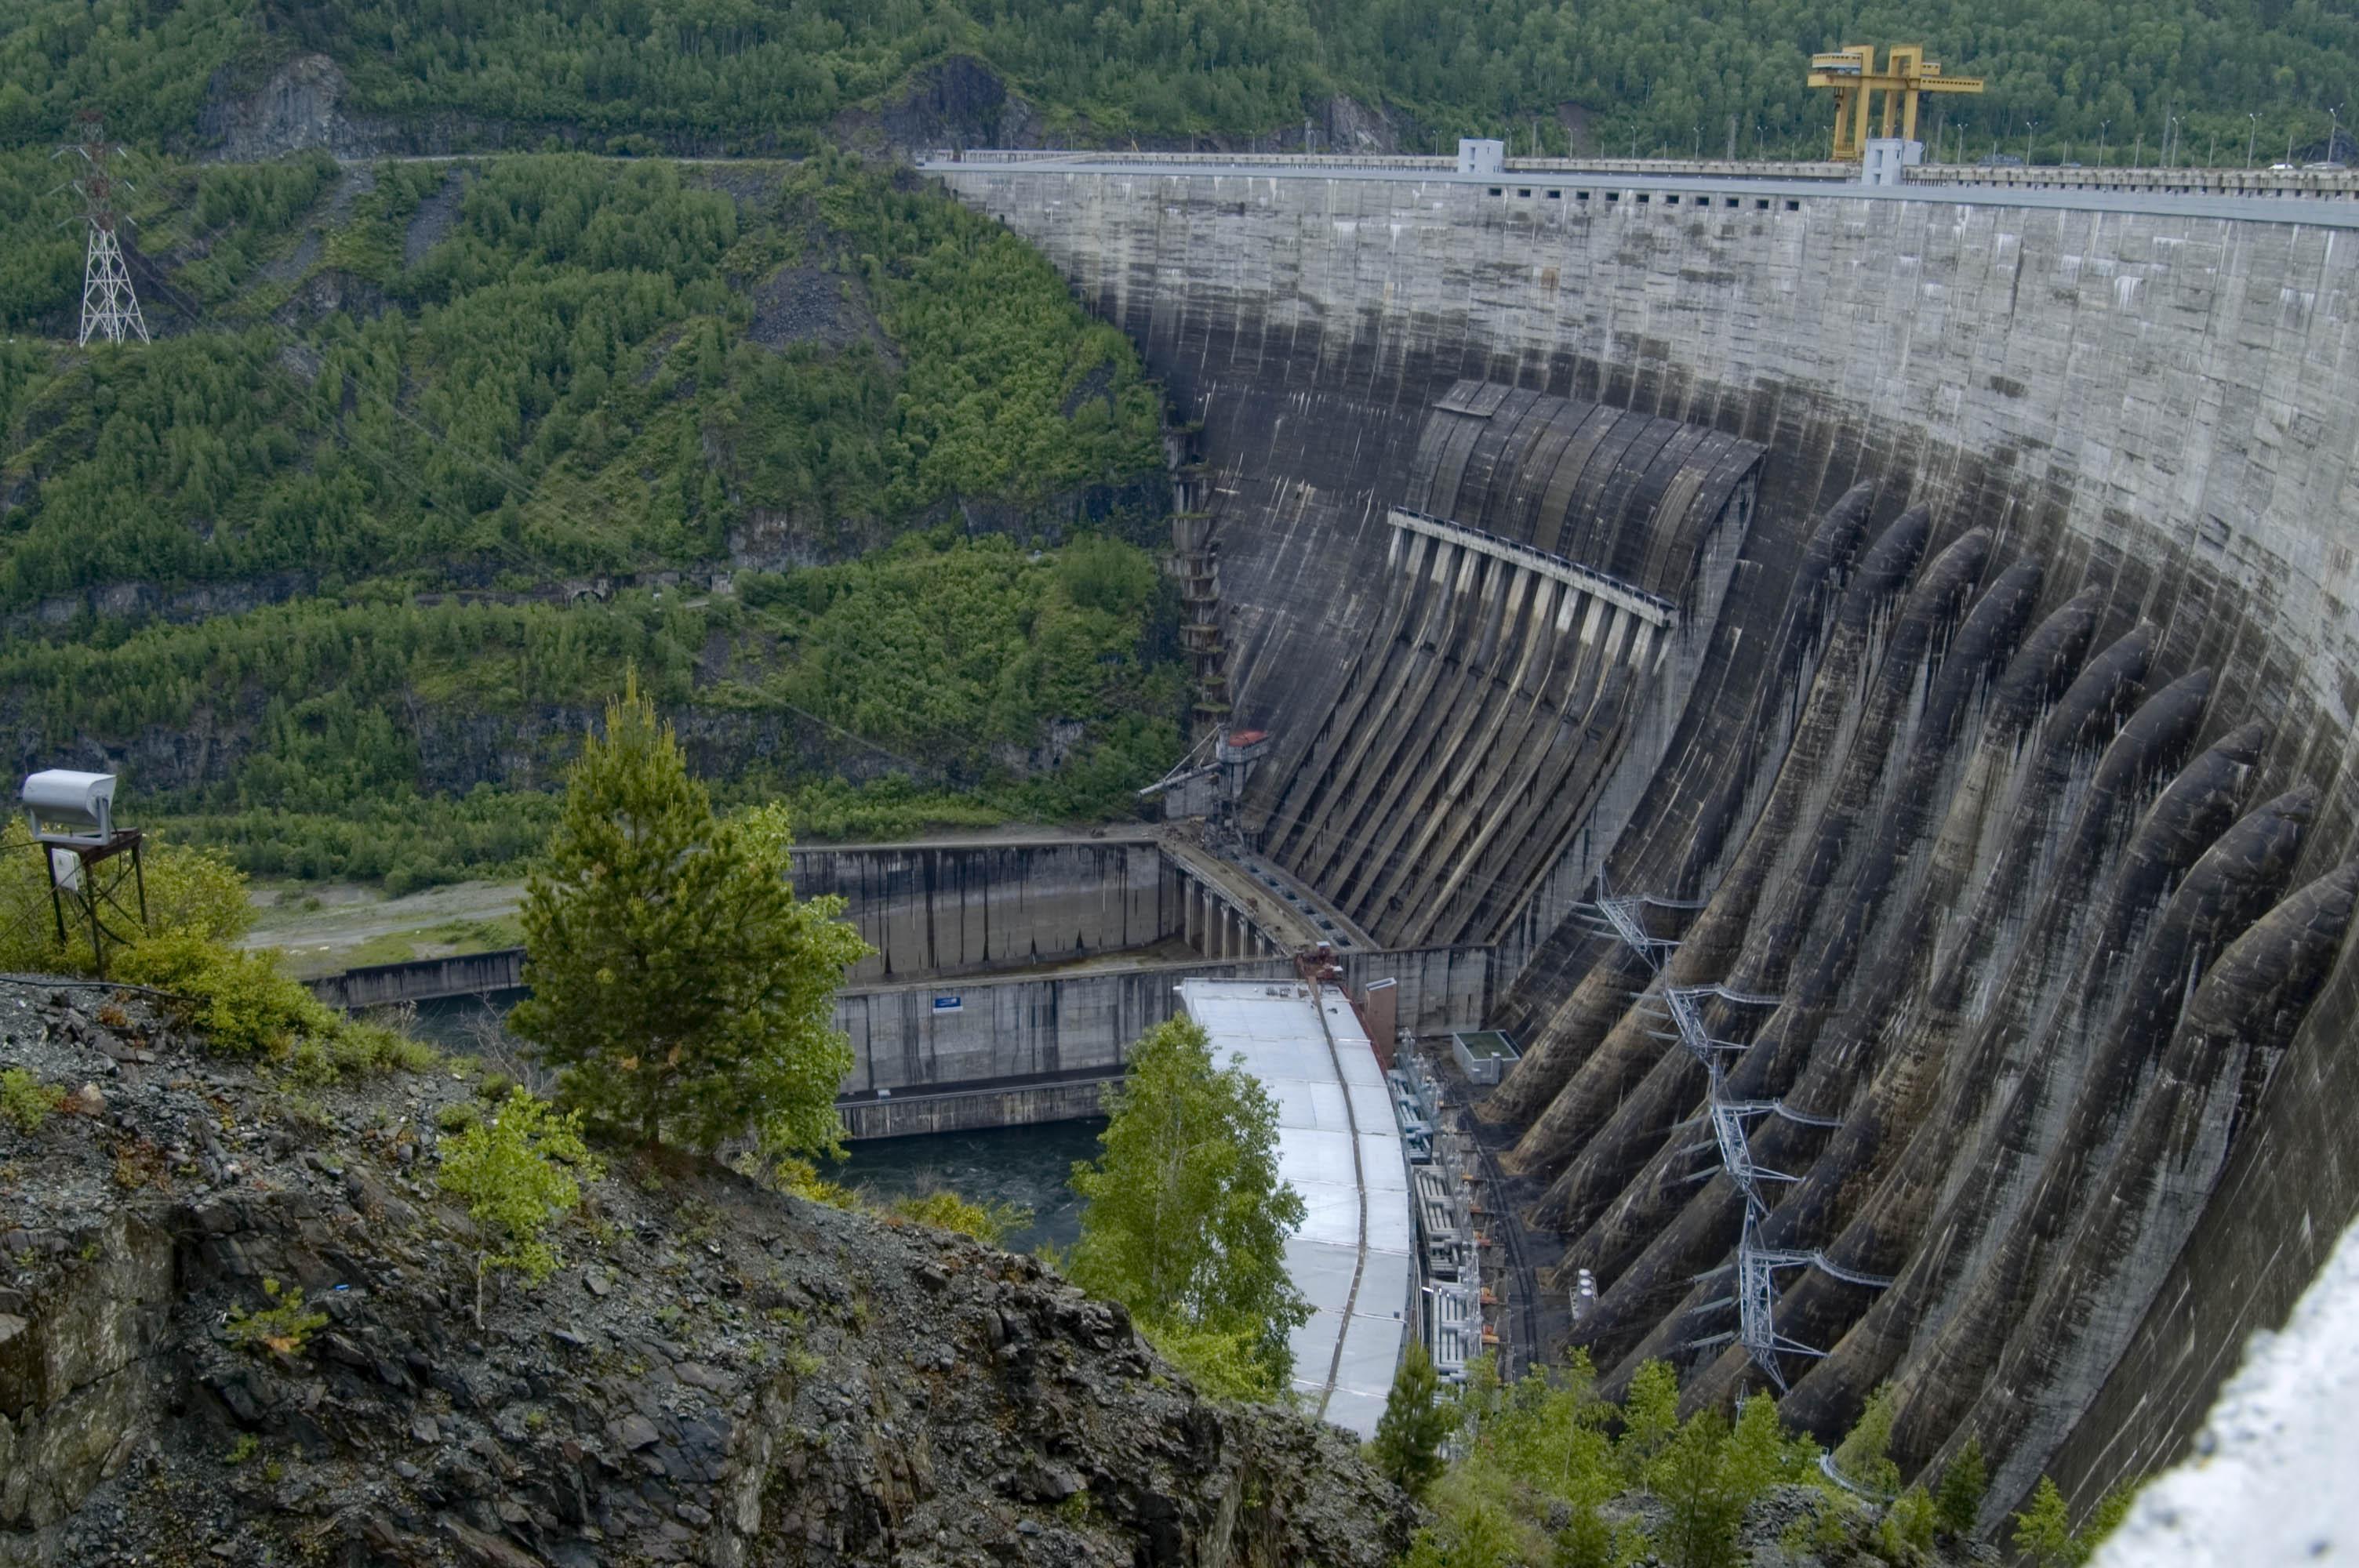 Energichny Energetik.  Гидроэлектростанция (ГЭС) - электростанция, вырабатывающая энергию за счет падающей воды...